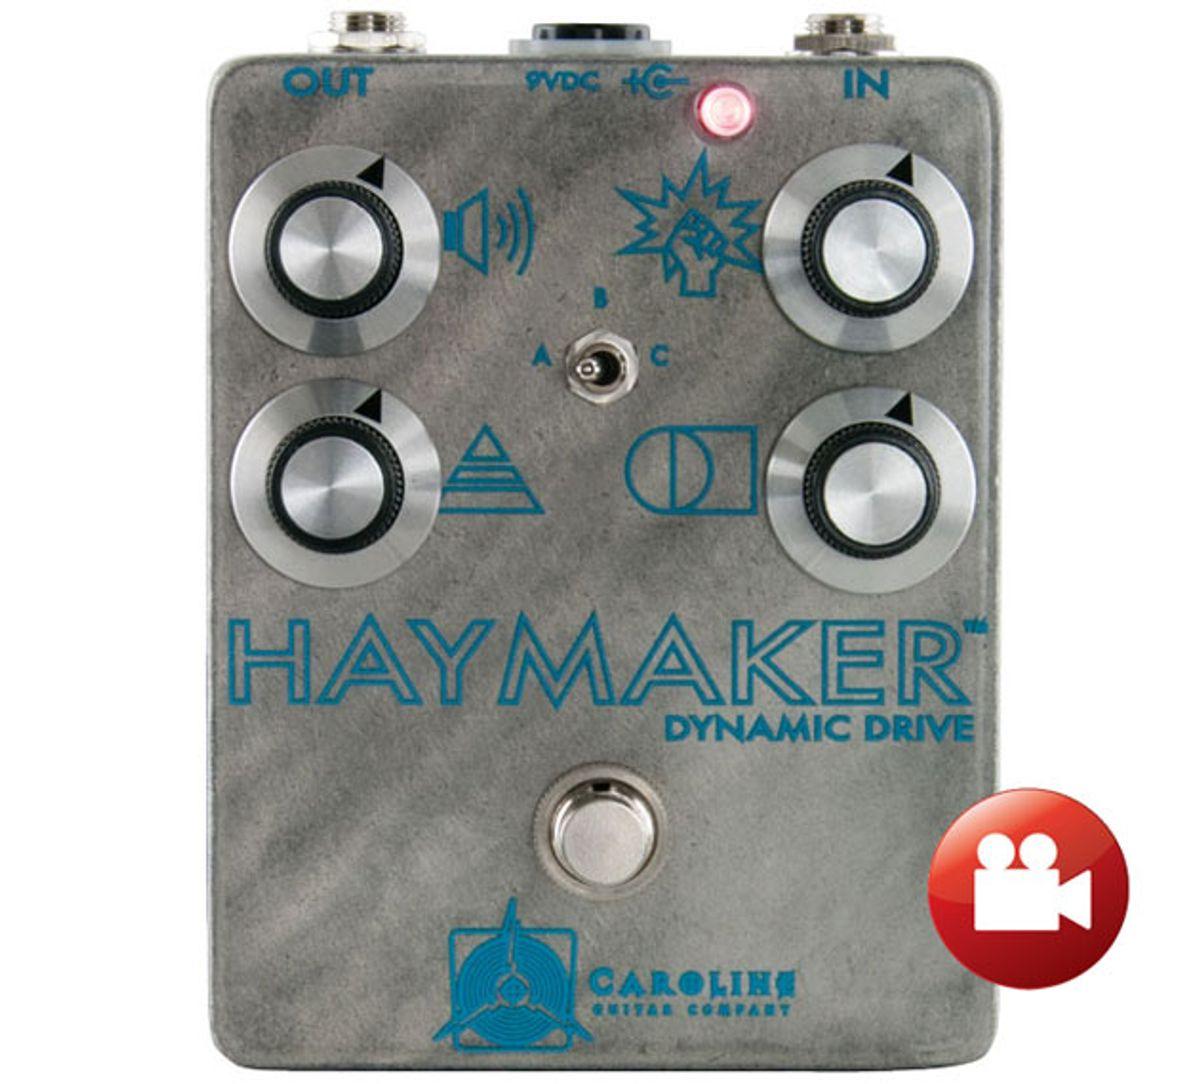 Caroline Guitar Company Haymaker Review